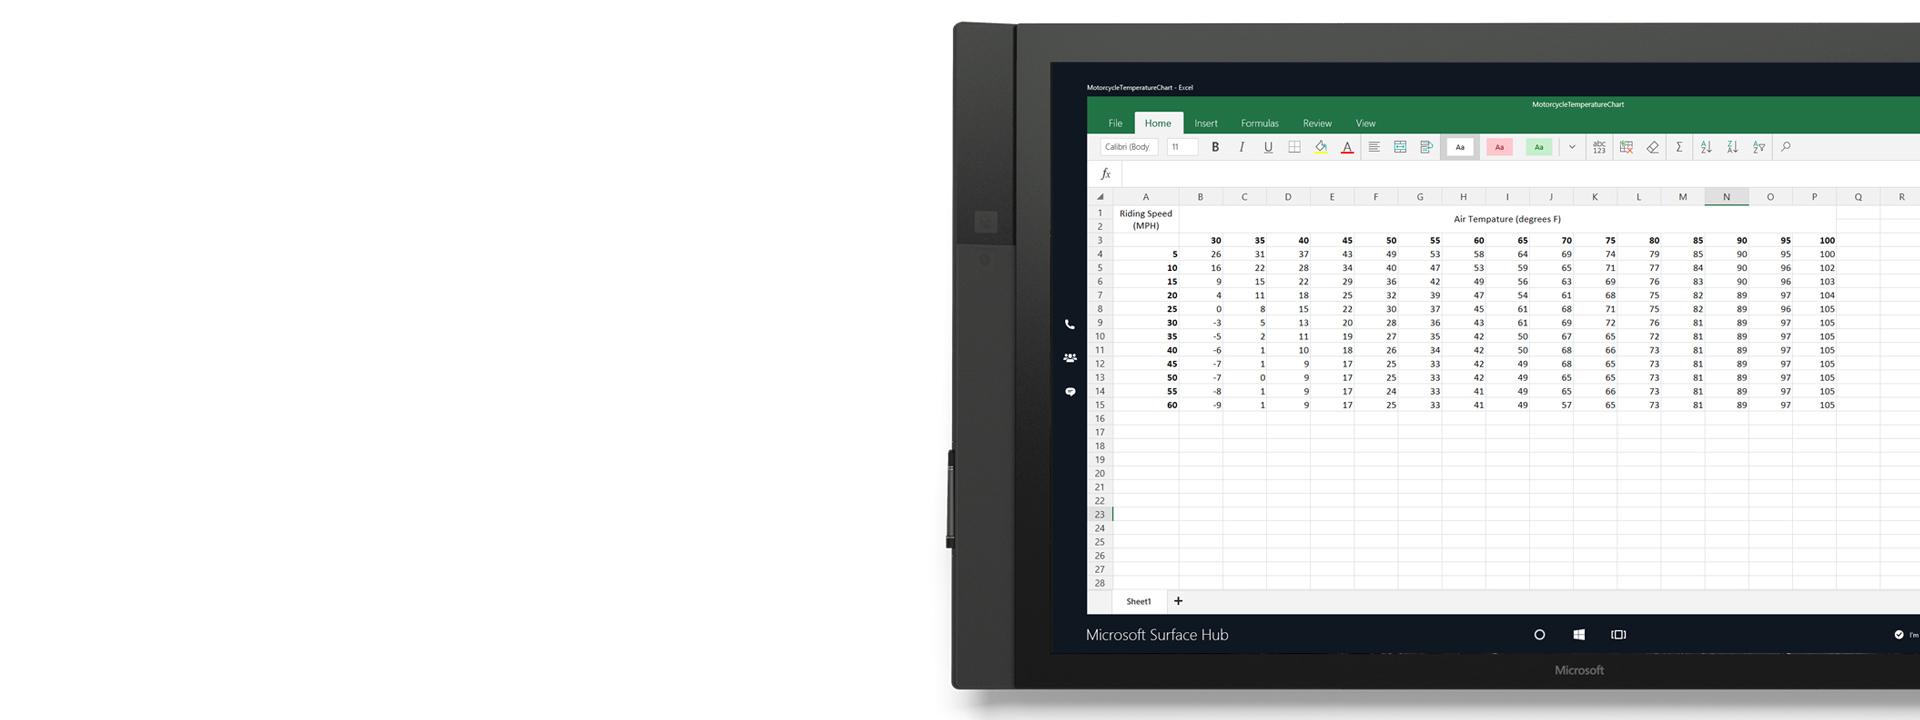 Microsoft Excel visas på Surface Hub.